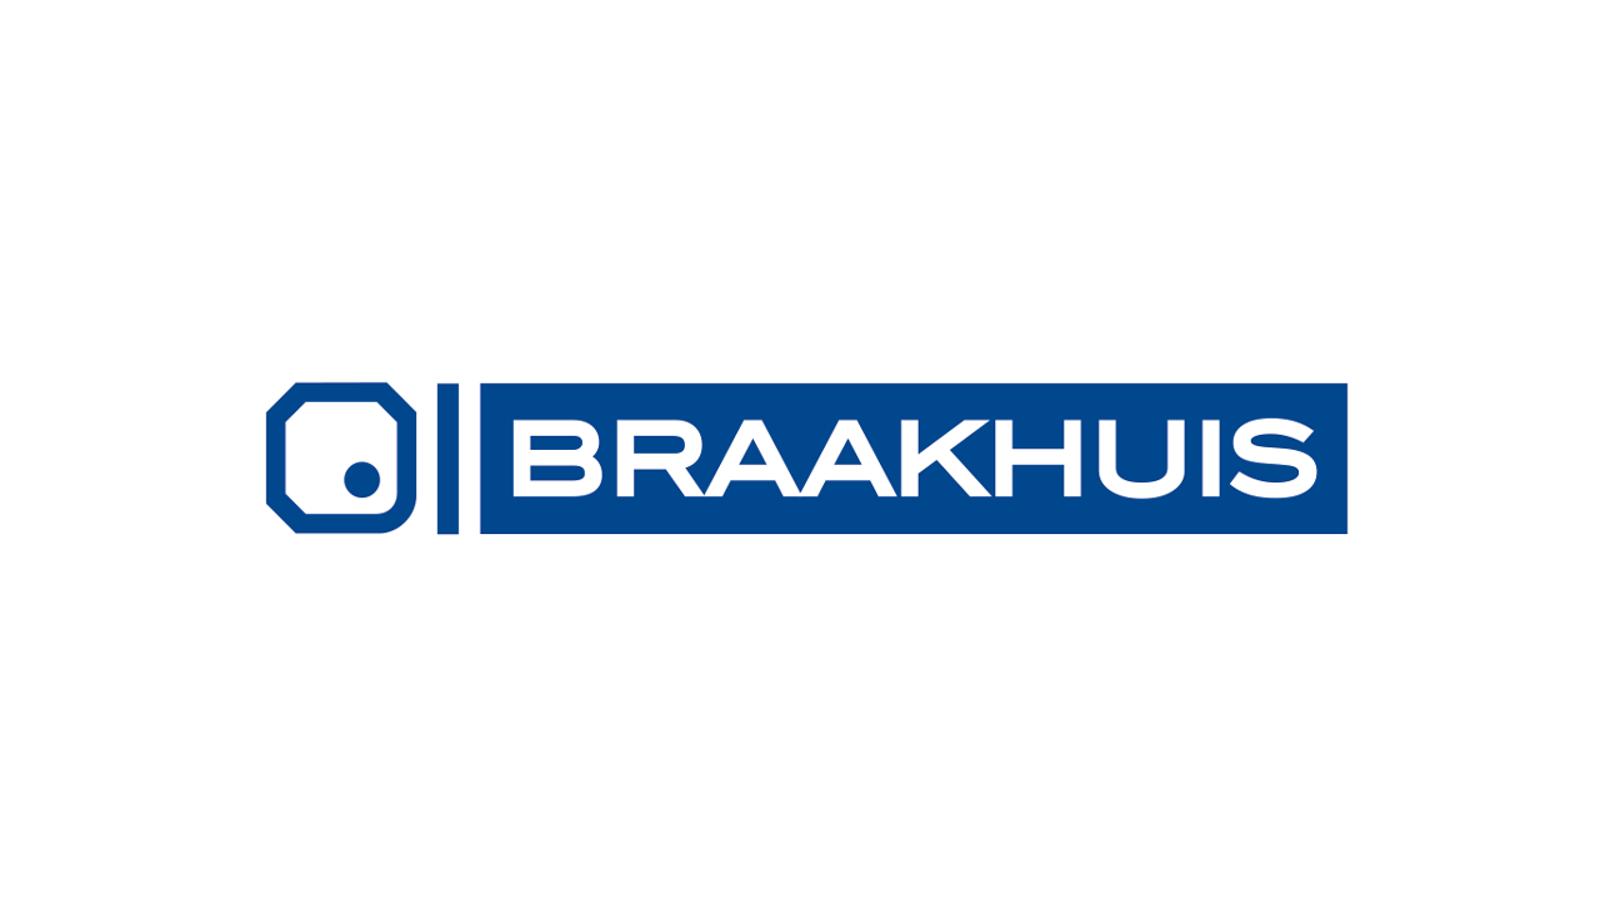 Braakhuis